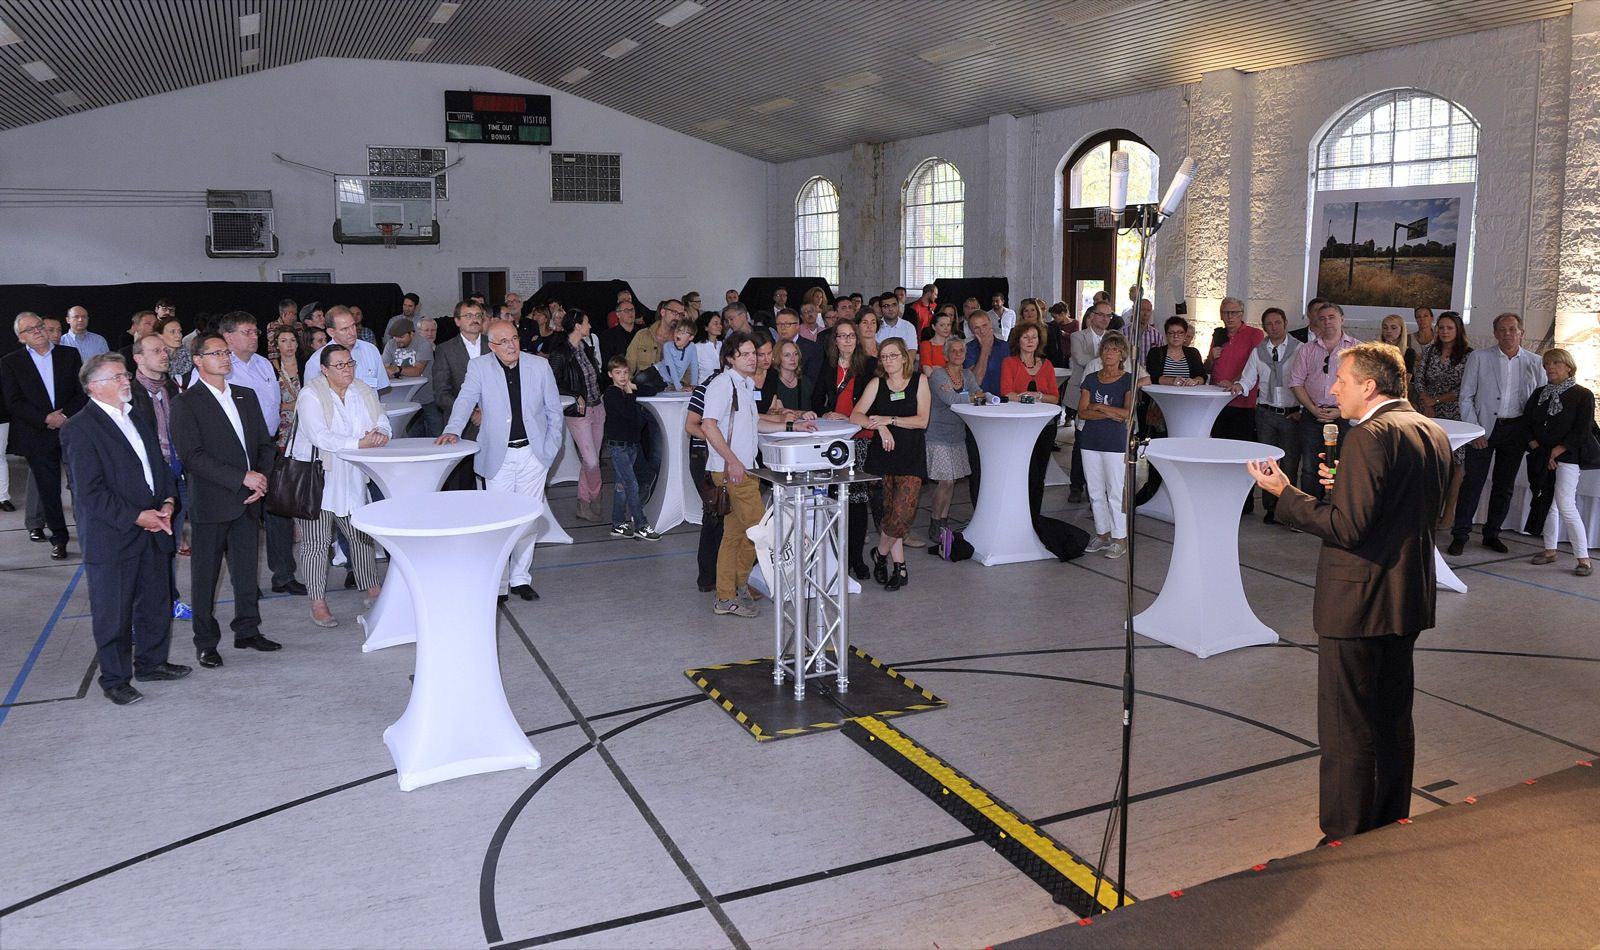 Oberbürgermeister Dr. Kurz besuchte das Turley-Fest   Foto: Stadt Mannheim, Thomas Tröster